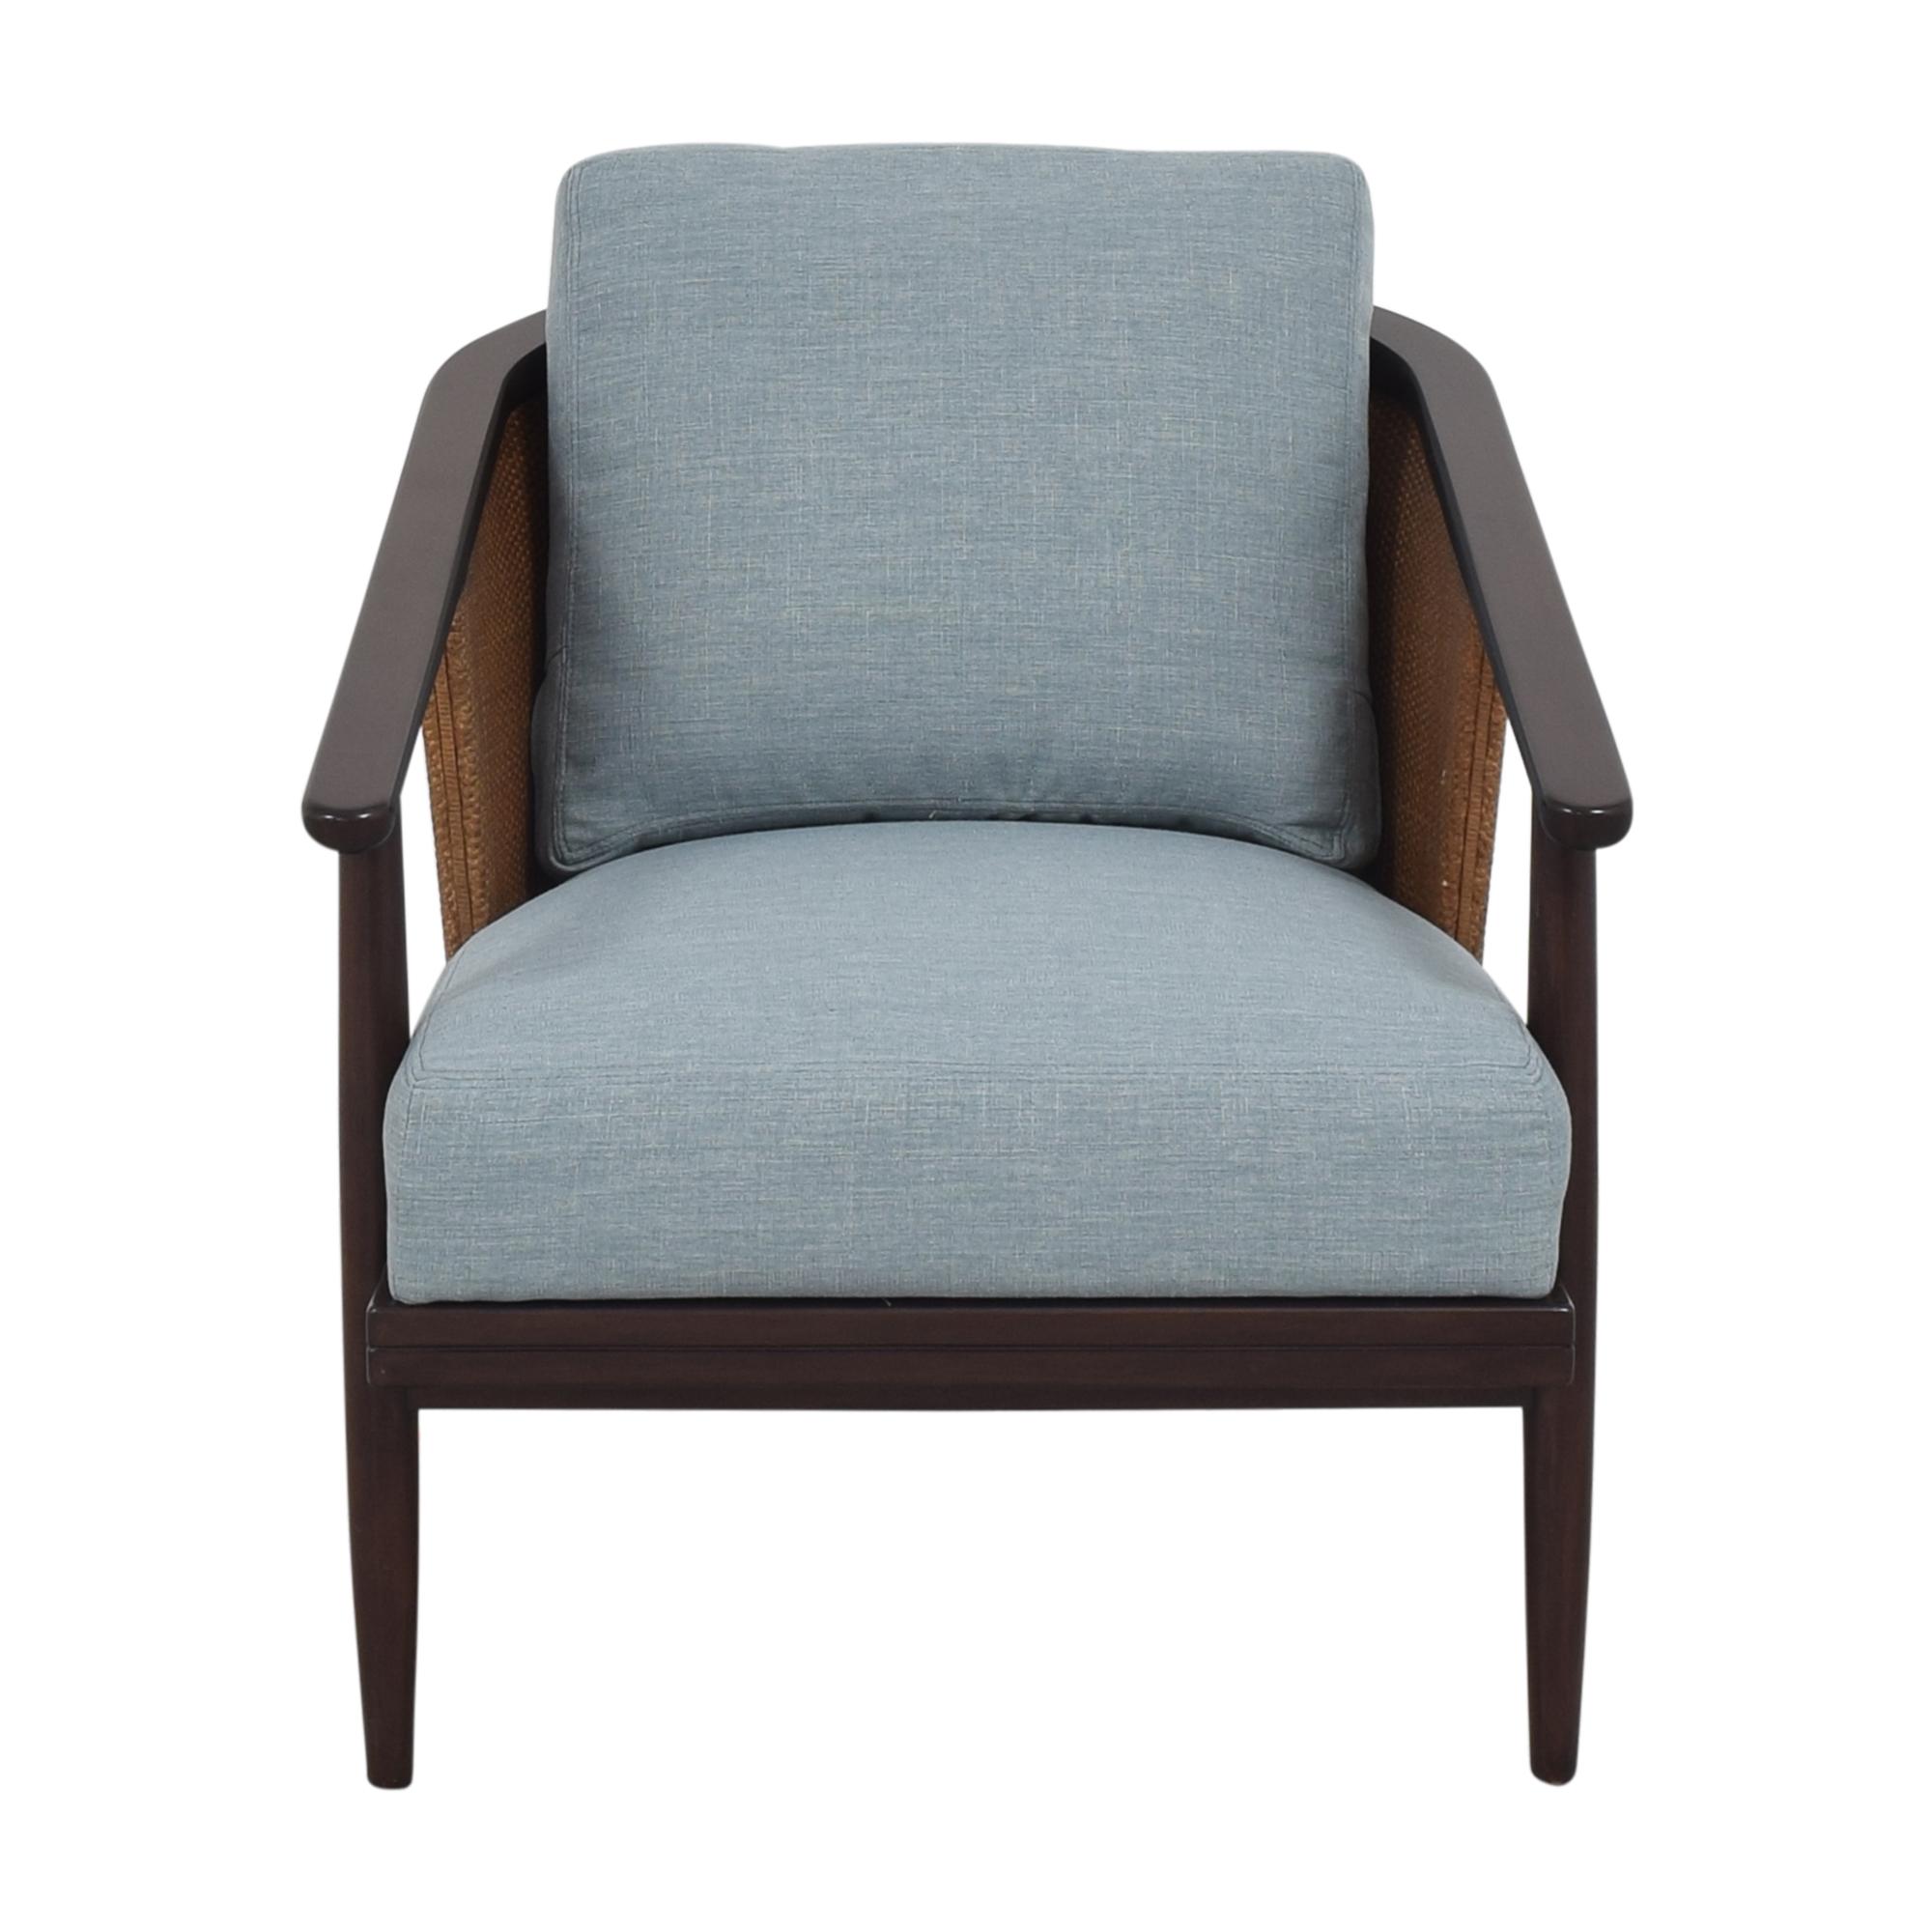 Ethan Allen Ethan Allen Lela Rattan Lounge Chair second hand